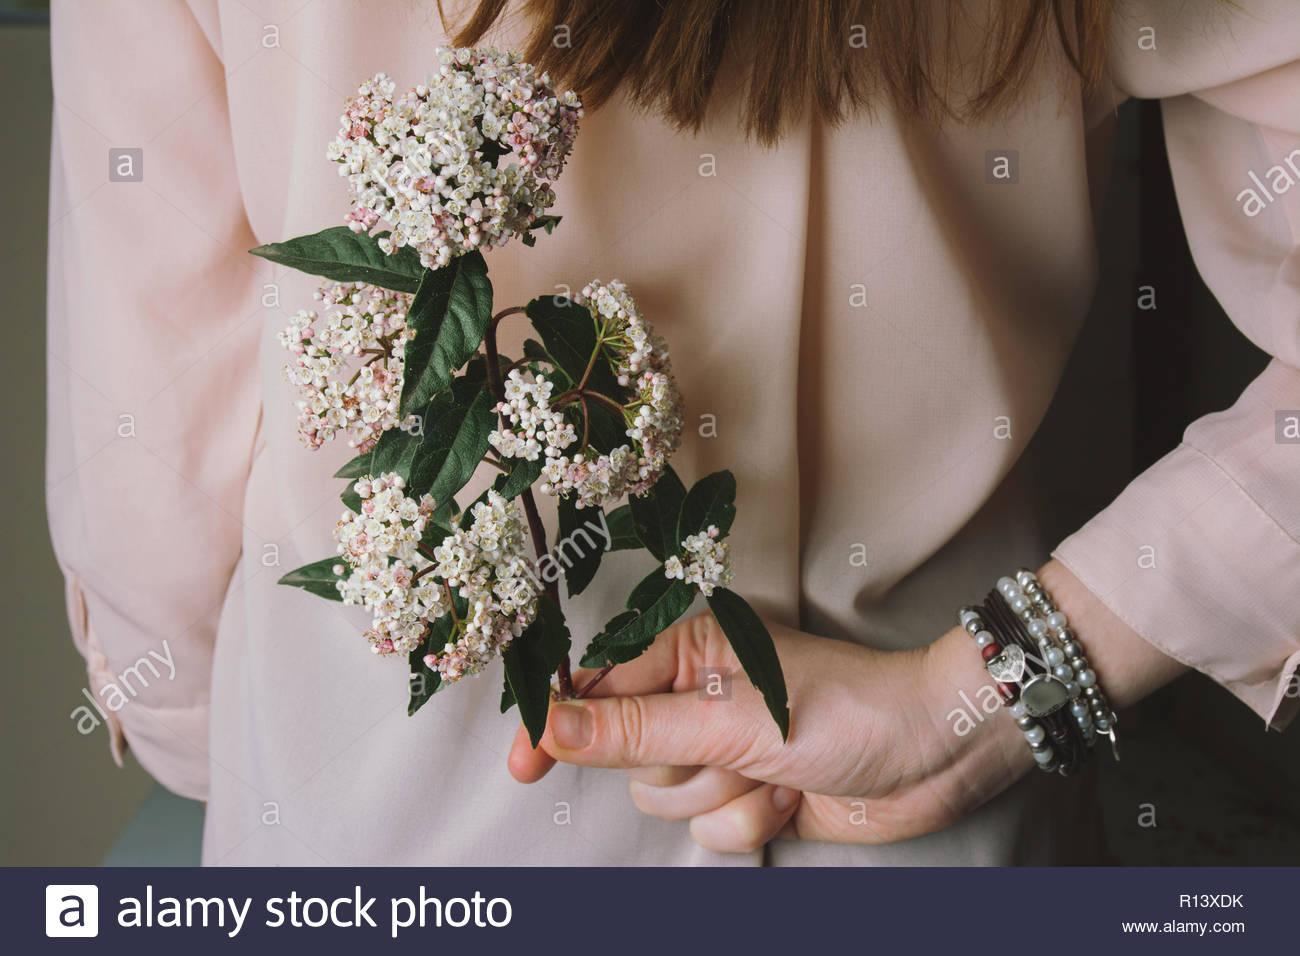 Mittelteil von einer Frau mit einem Blumenstrauß hinter ihr zurück Stockbild